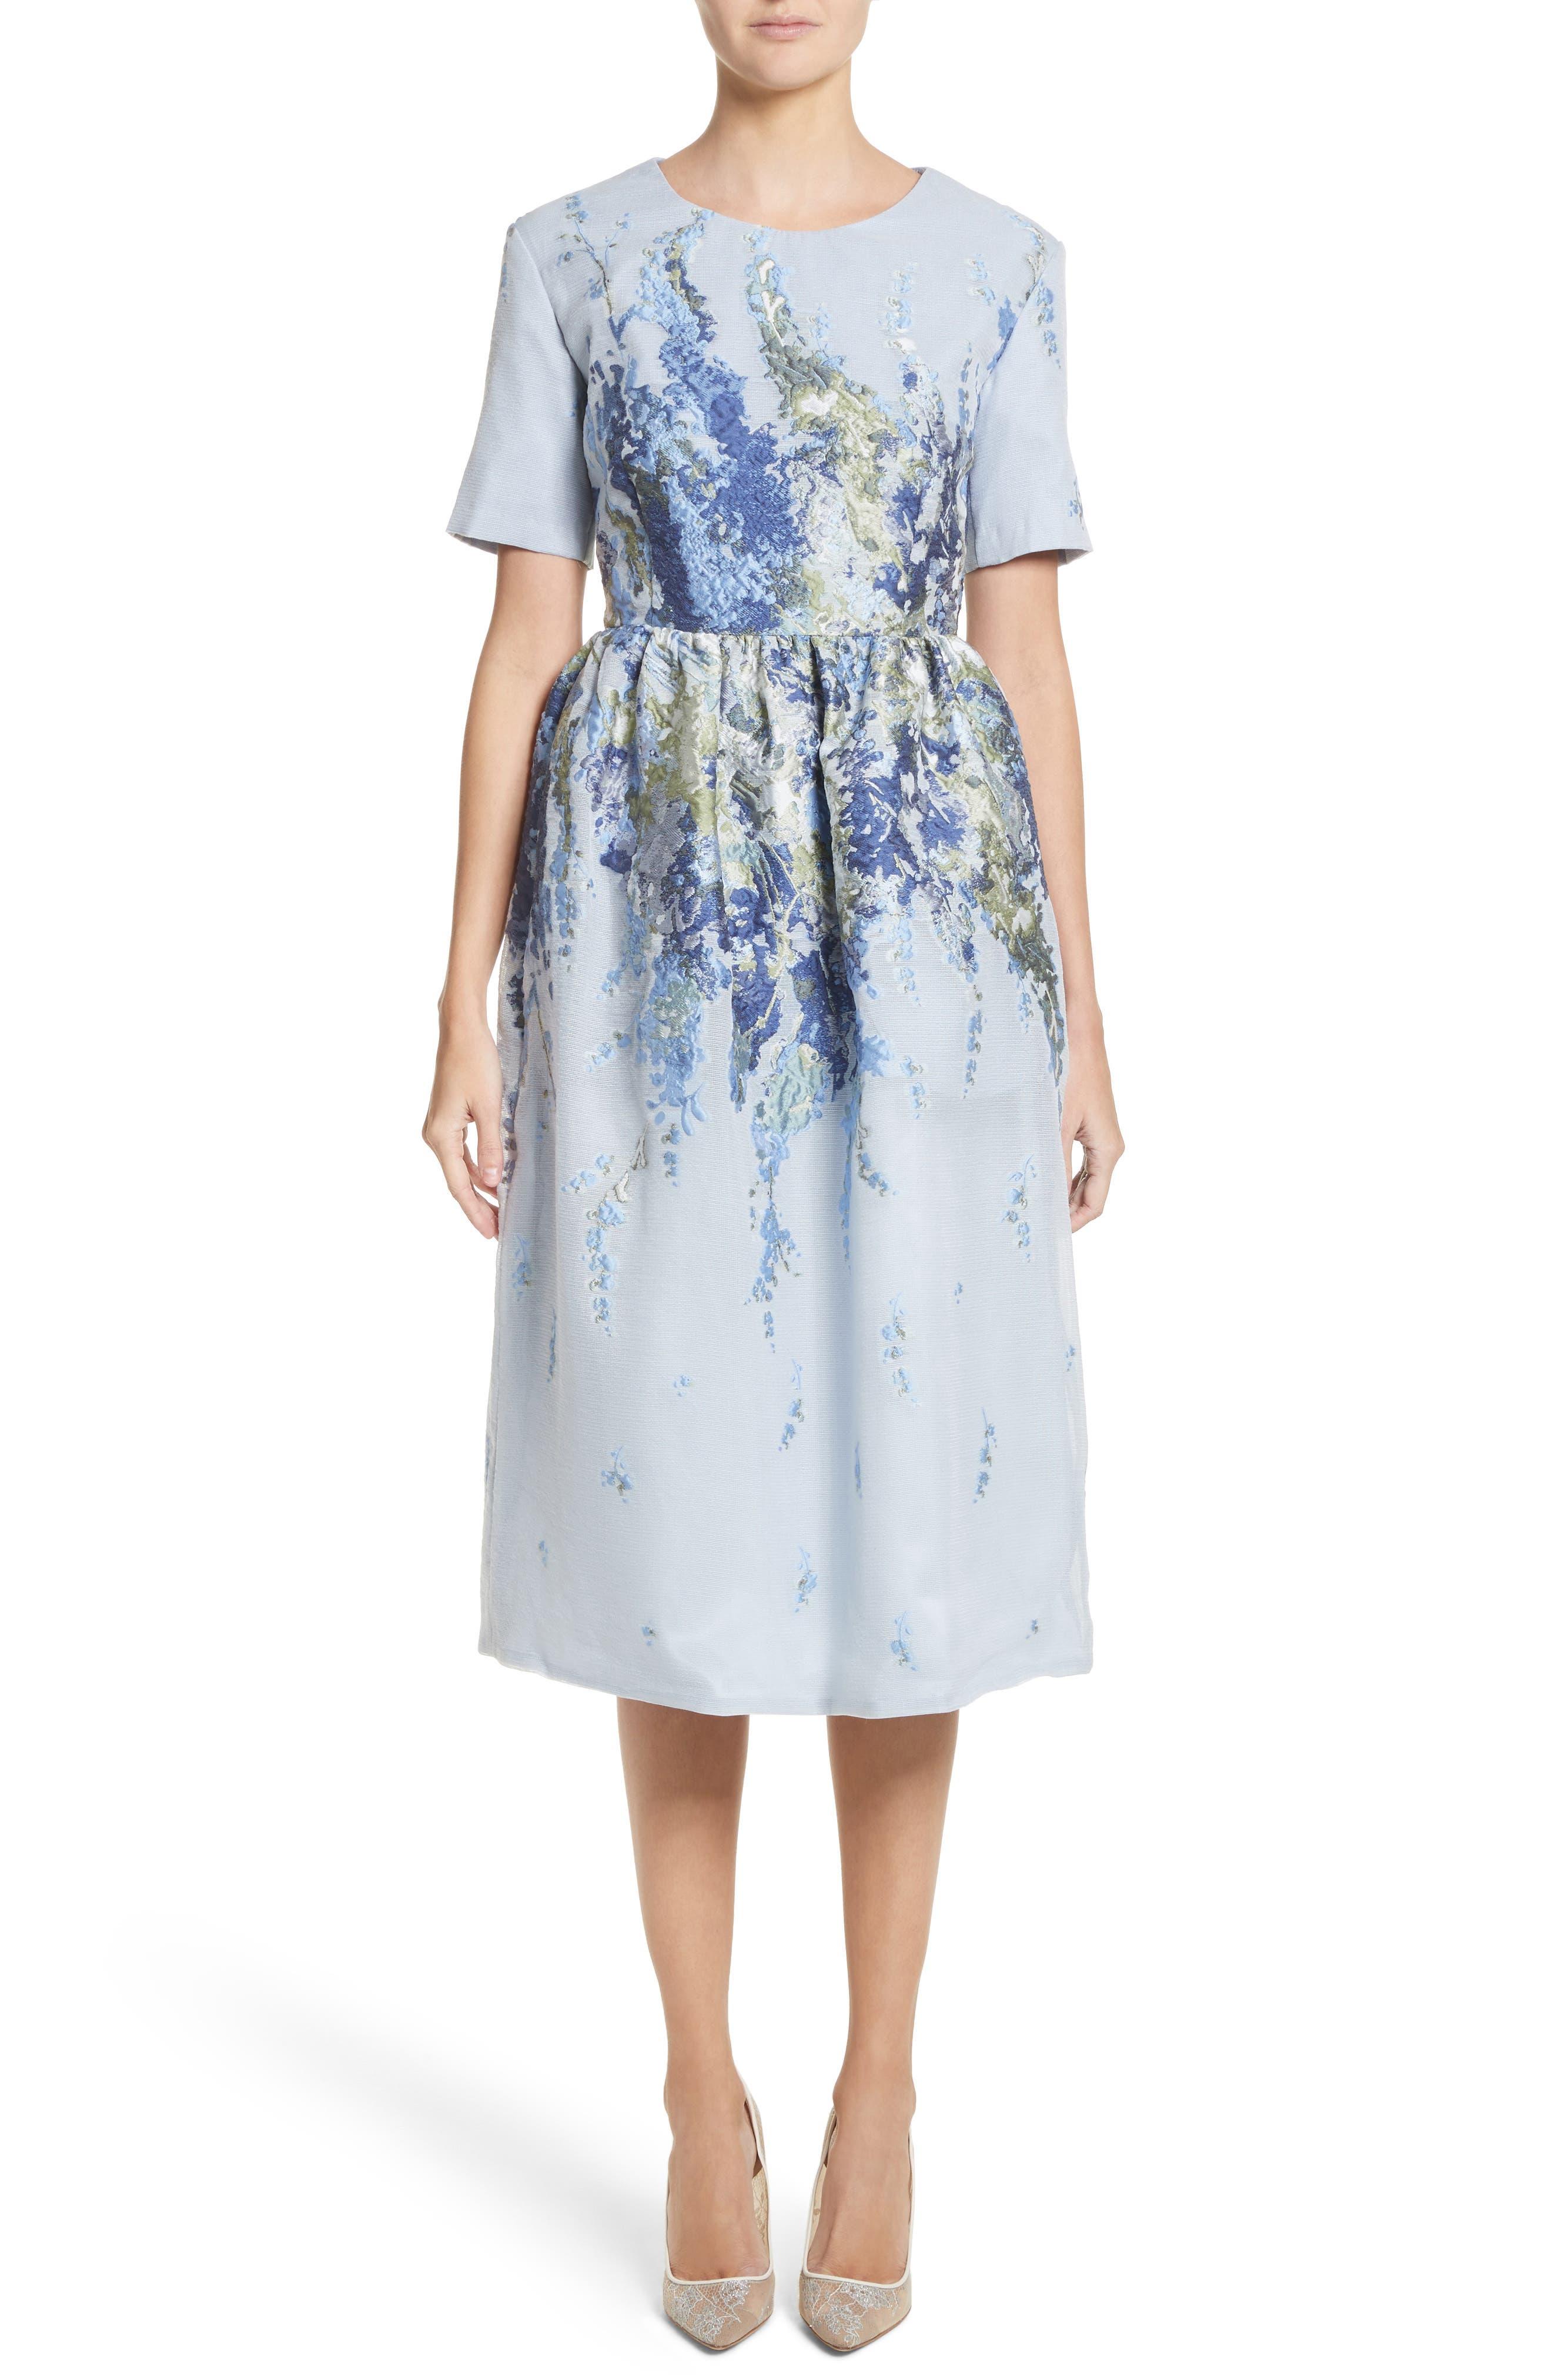 Malene Oddershede Bach Floral Embroidered Mesh Jacquard Dress